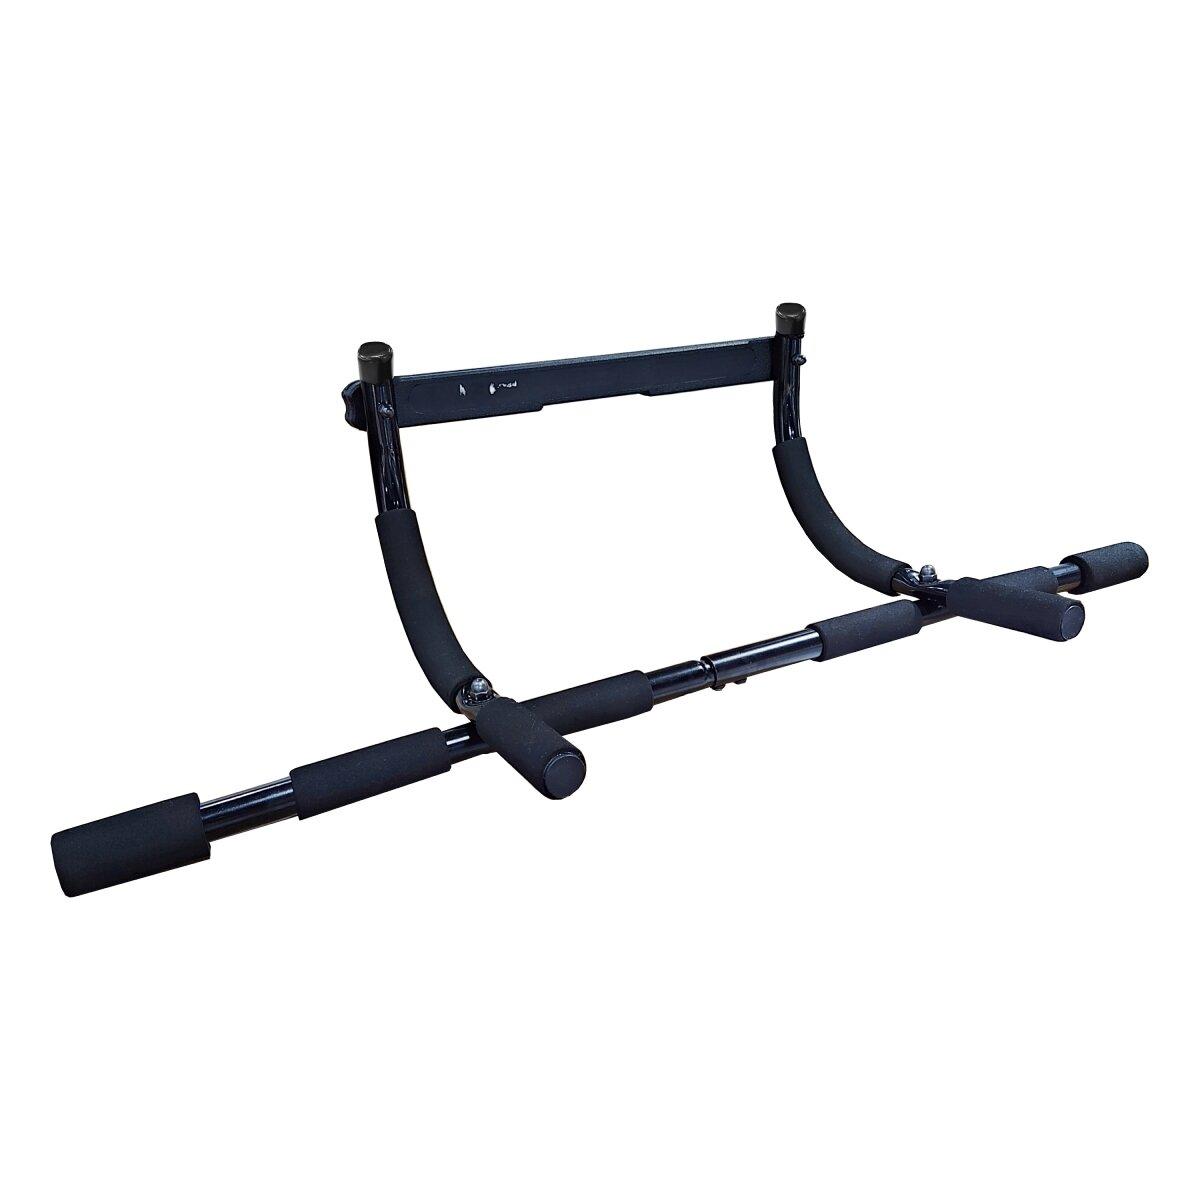 Volkano Active Doorway Chin-Up Bar - Black